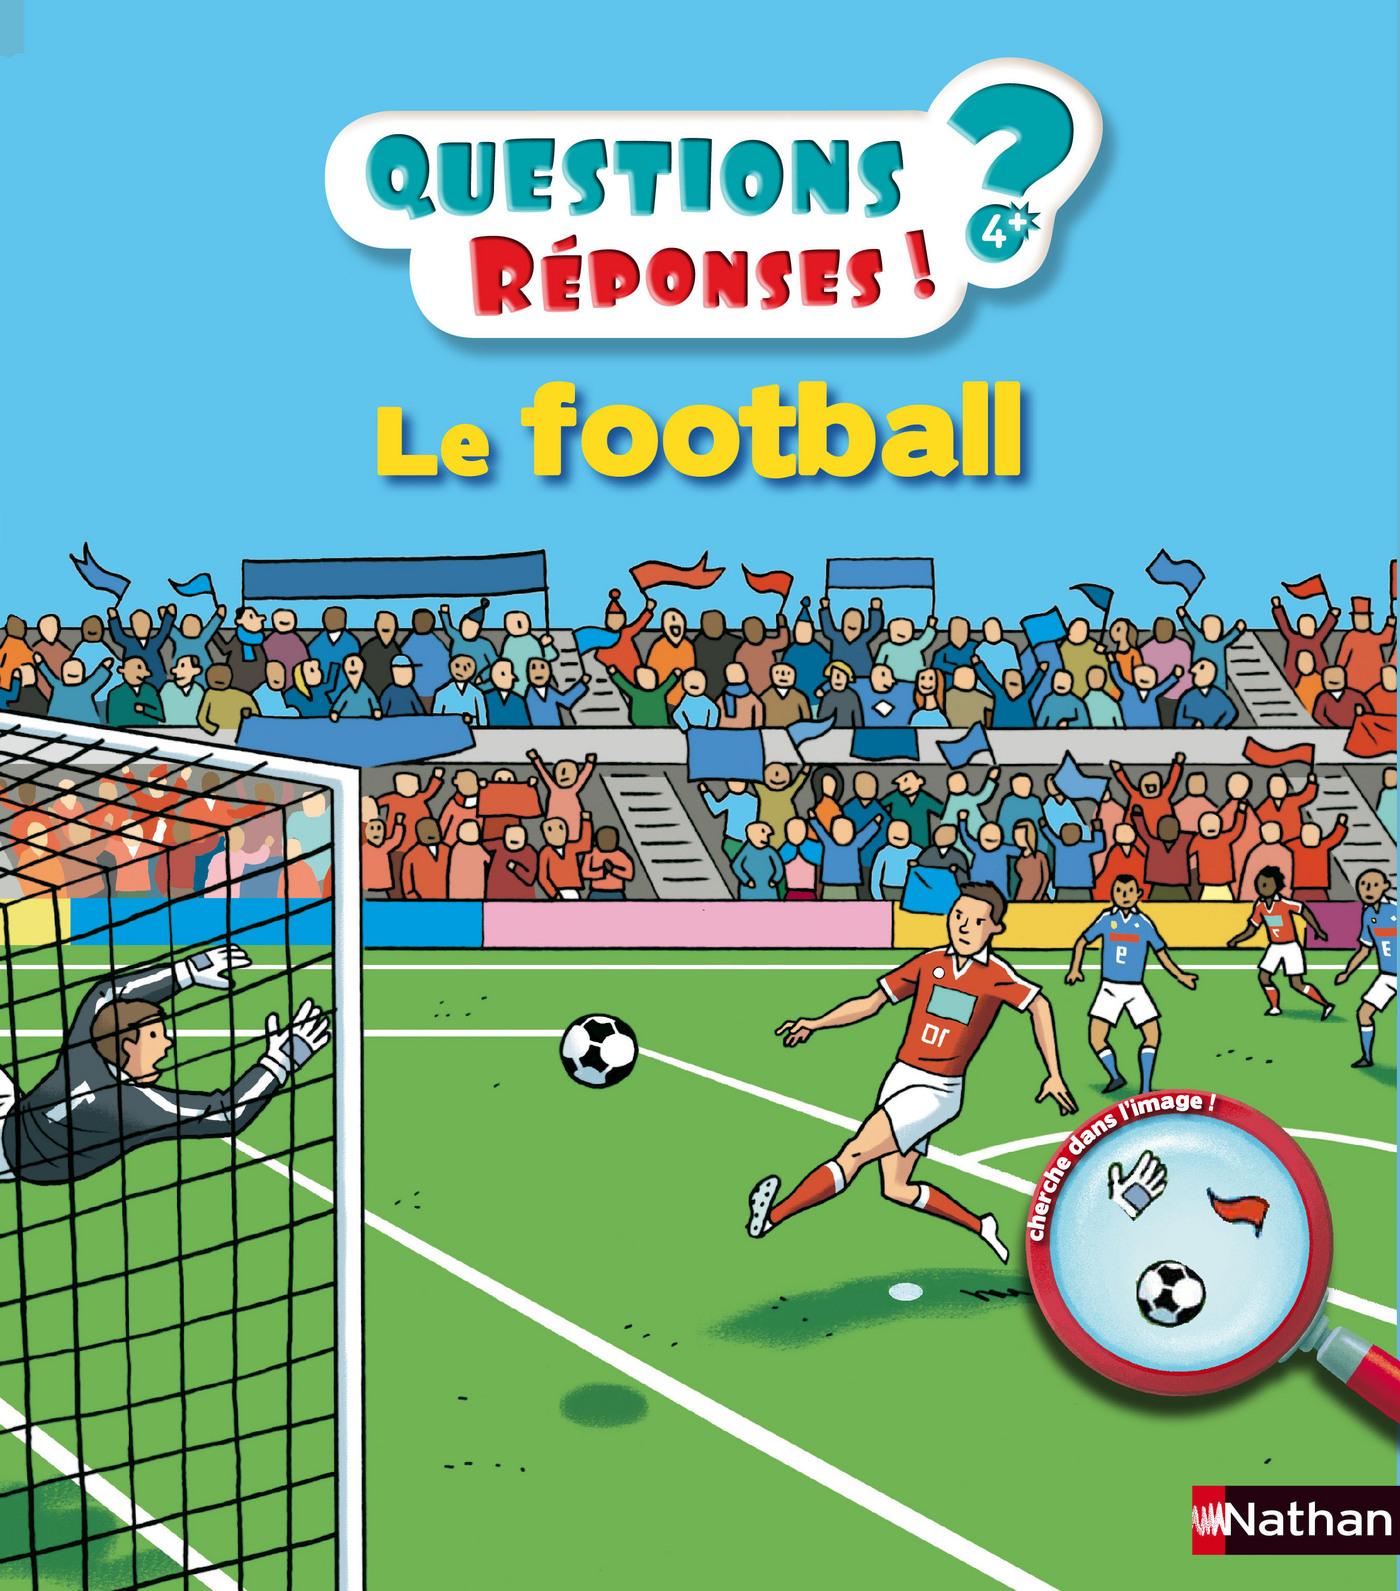 Le football - Questions/Réponses - doc dès 5 ans